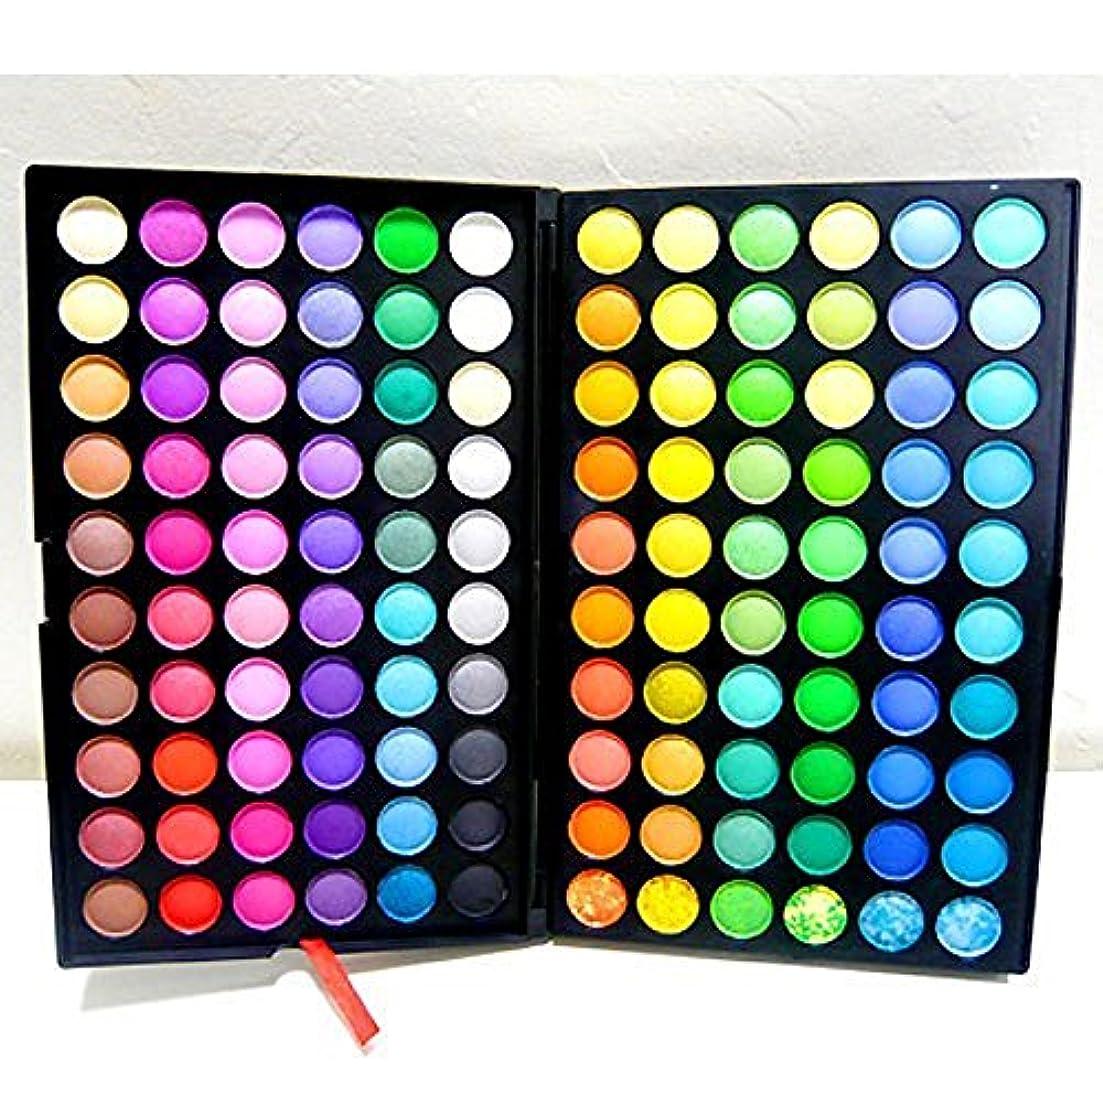 バラバラにするフレアキリスト教入荷しました【LuxuryRose】発色が素晴らしい!120カラーアイシャドウパレット